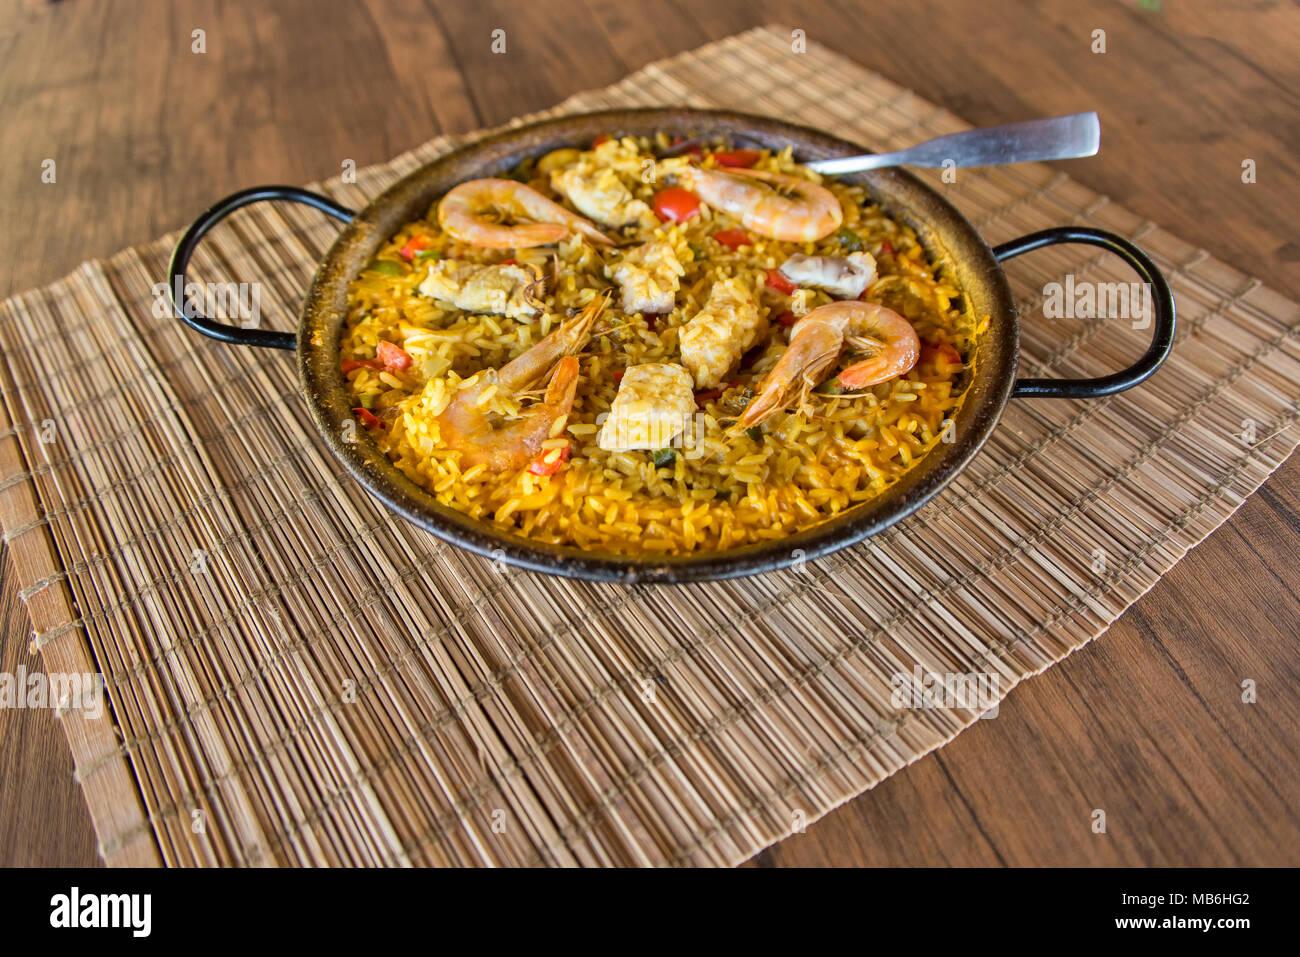 La Paella espagnole traditionnelle dans la poêle Photo Stock